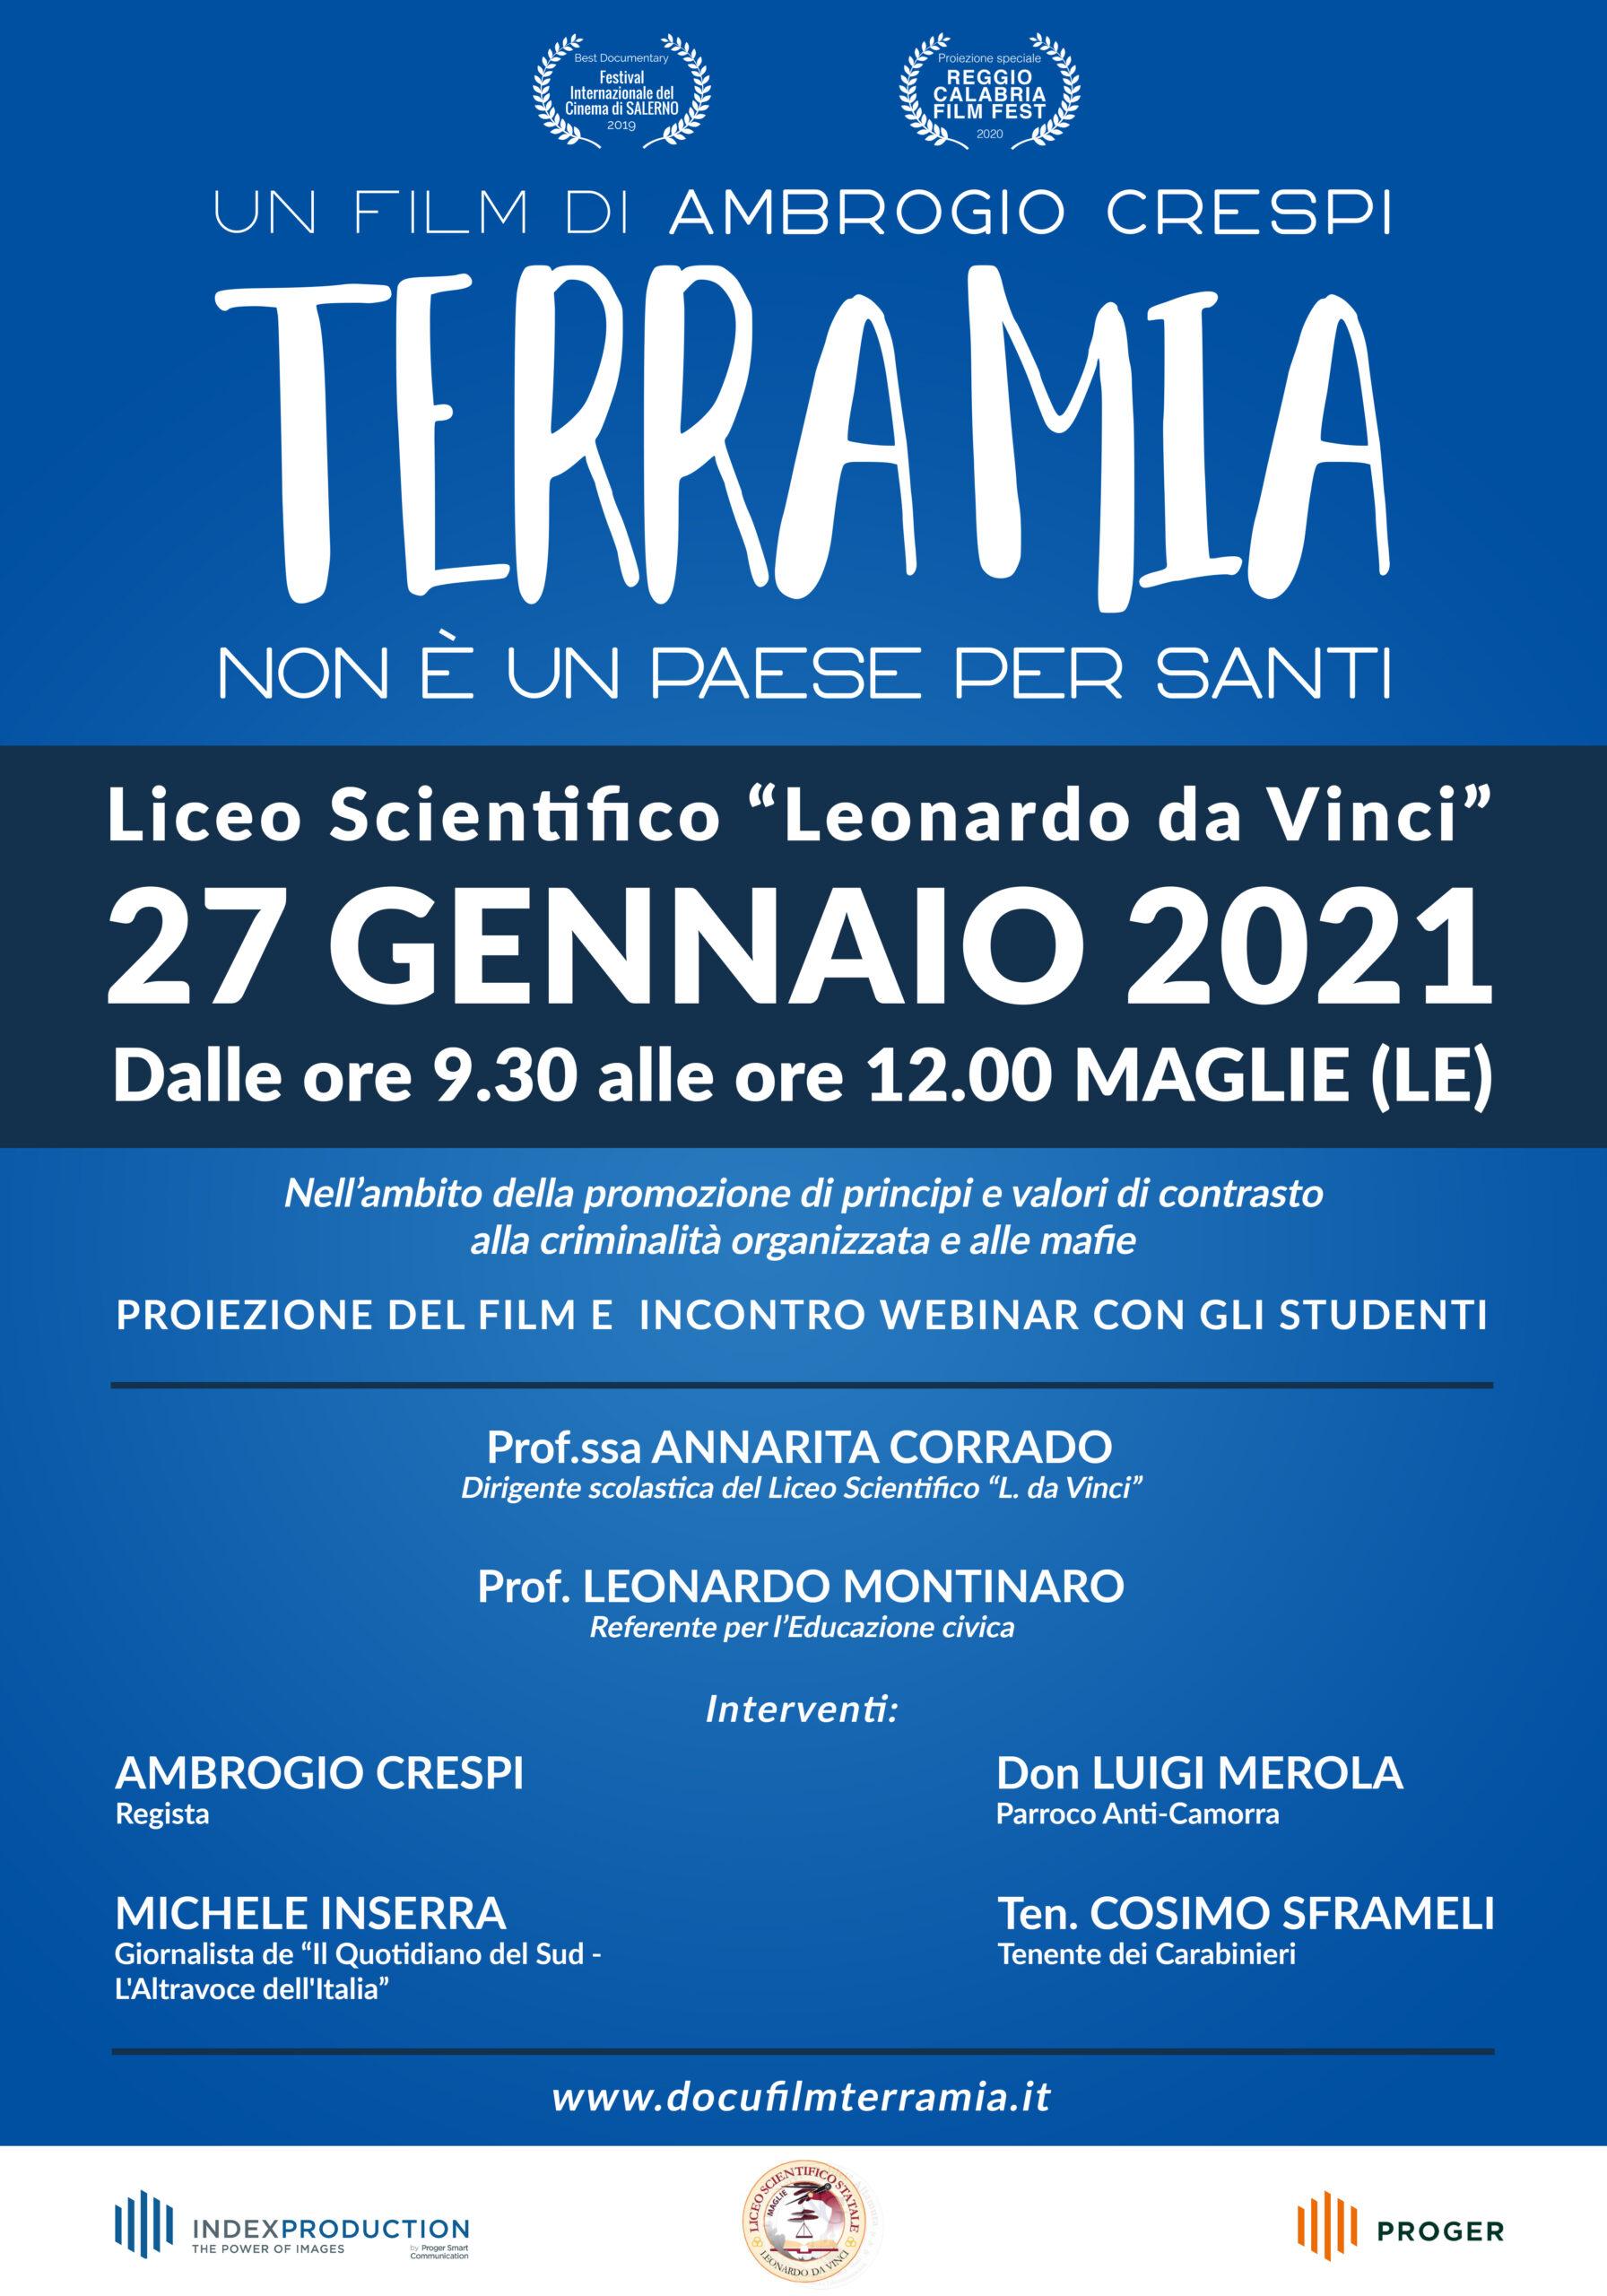 Terra Mia - Proiezione liceo scientifico Leonardo Da Vinci 27 Gennaio 2021